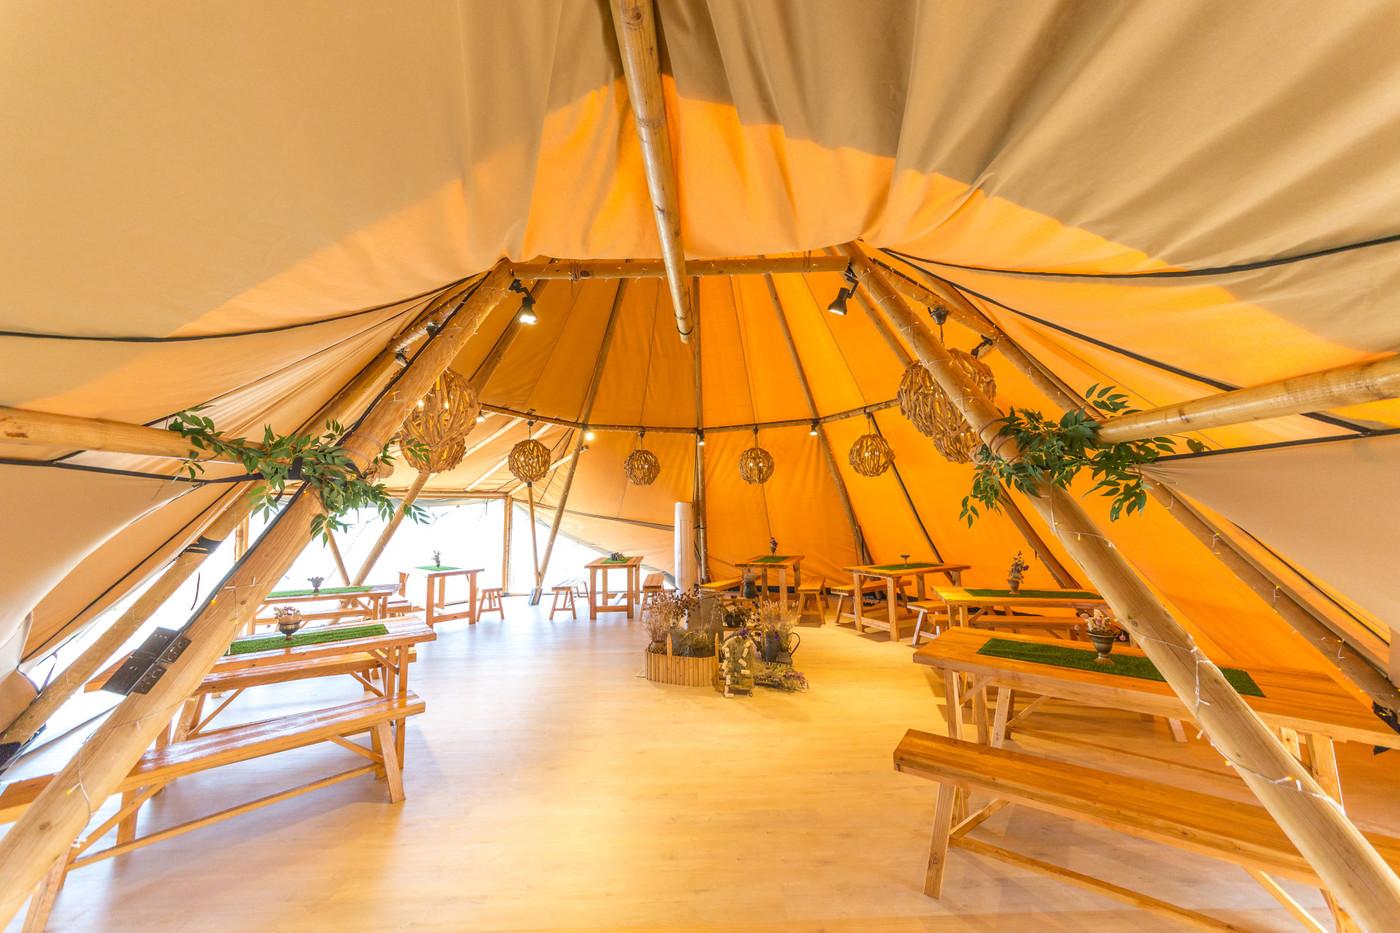 喜马拉雅印第安多功能大厅帐篷酒店26